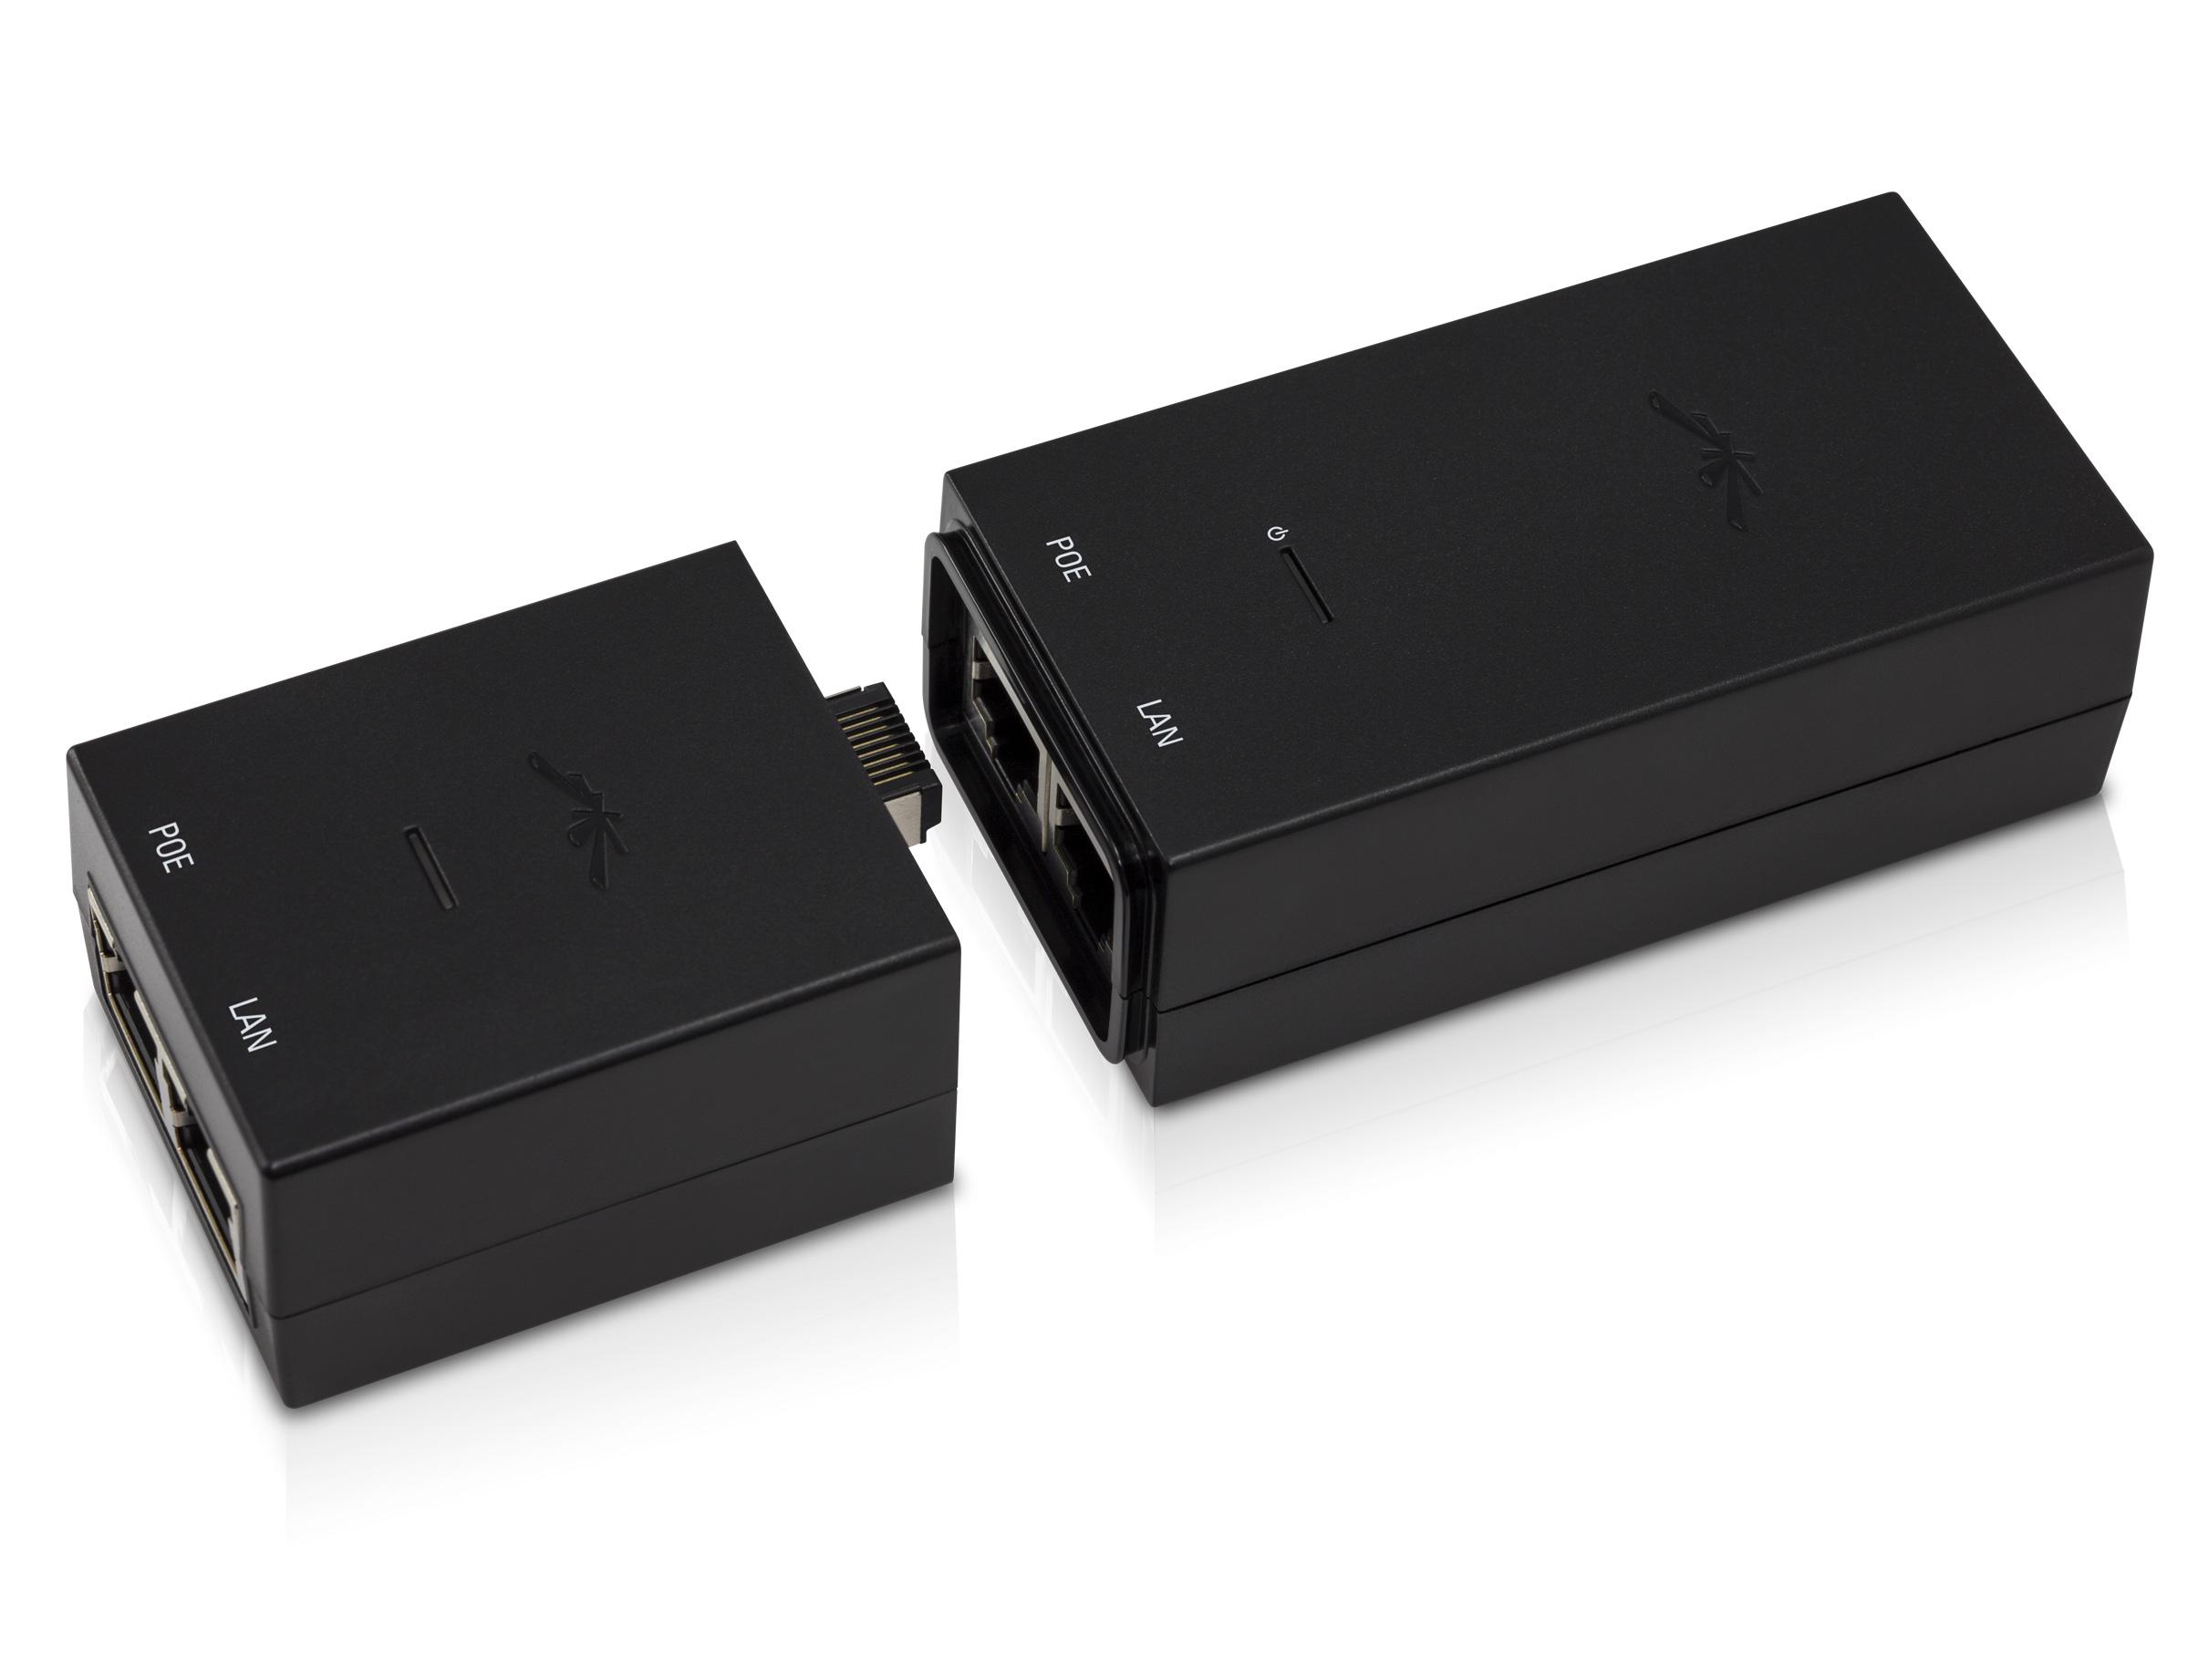 Точка доступа Ubiquiti  UAP-AC-EDU UniFi AP AC EDU 802.11ac 1750Mbps 2.4 и 5GHz 1x1000Mbps LAN Intercom 287.5x125.9 mm